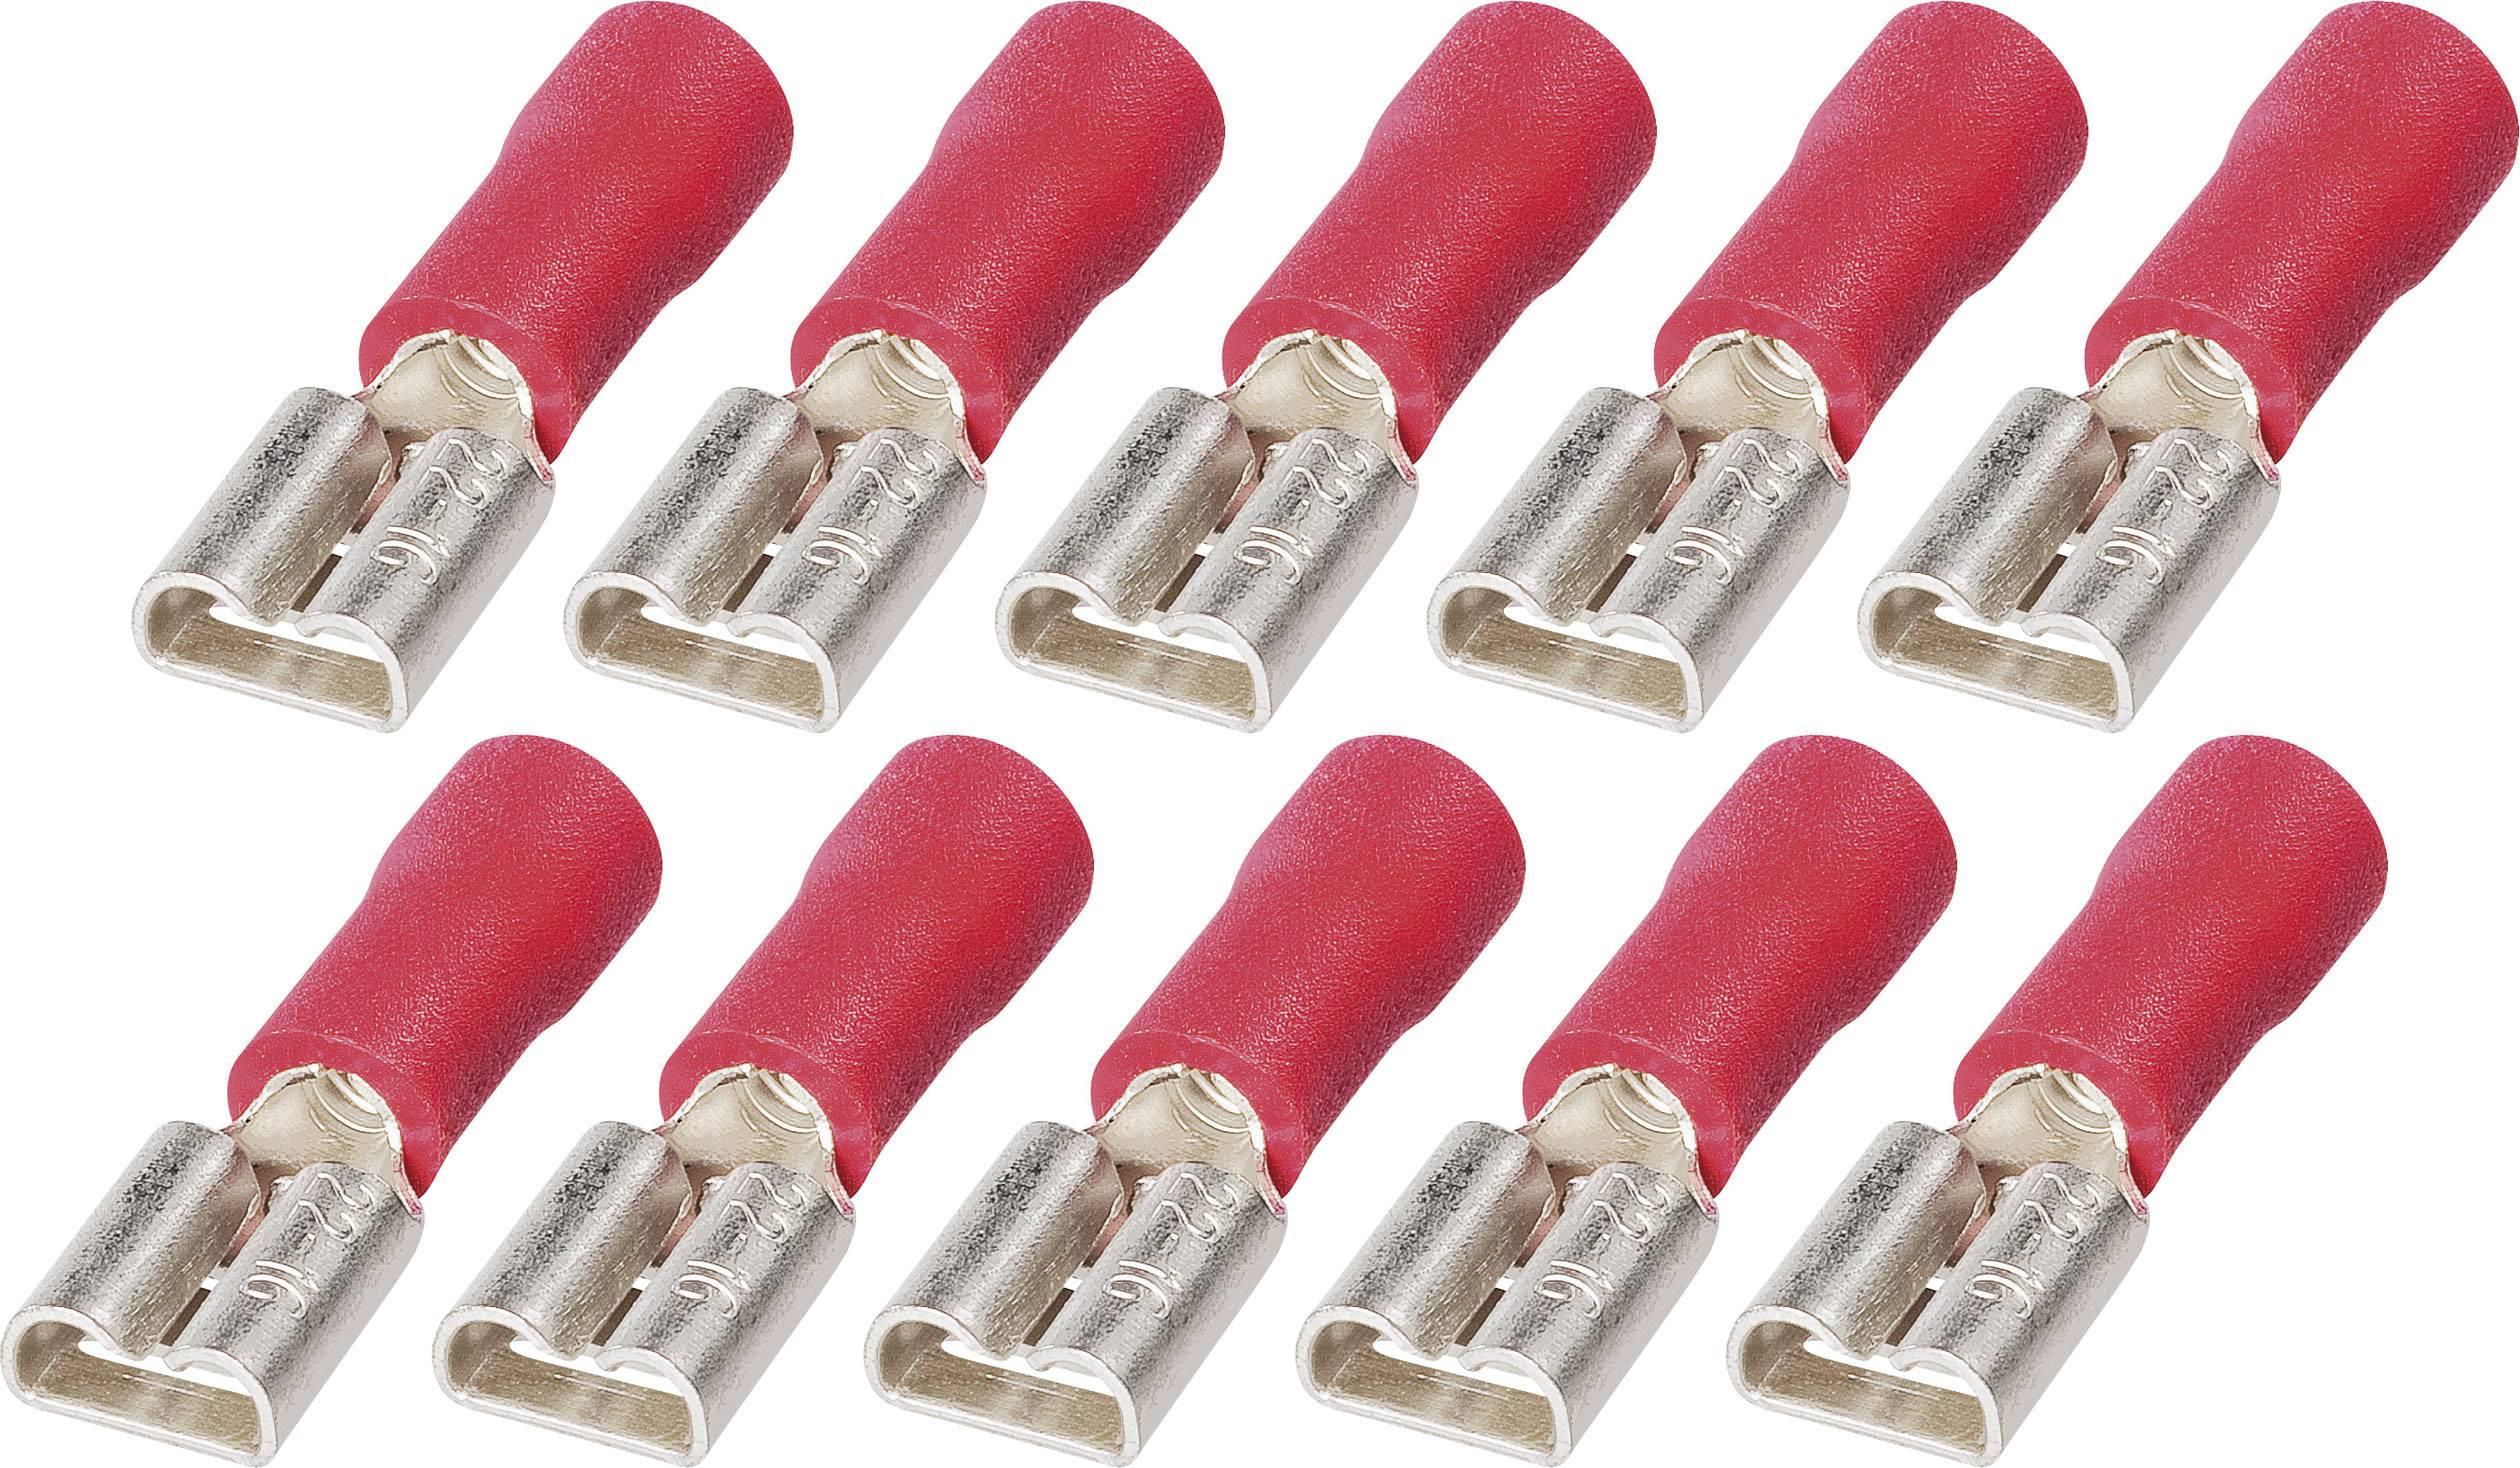 Sada upevnení faston FSP 4,8-1, 3.258.831, 4,8 mm, 0,5 - 1,5 mm², červená, 10 ks